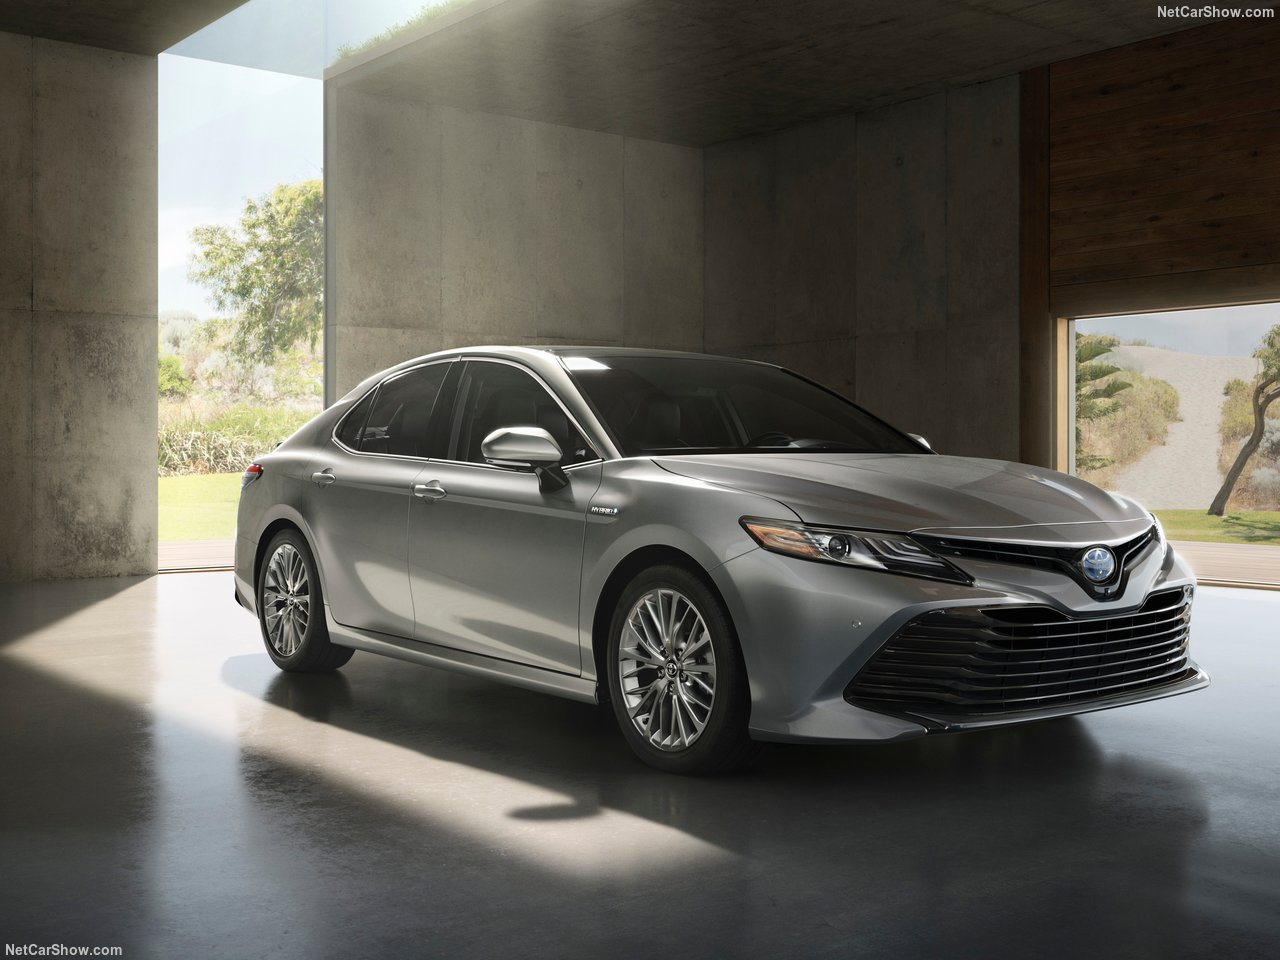 Toyota Camry 2018 - комплектации, цены и фото